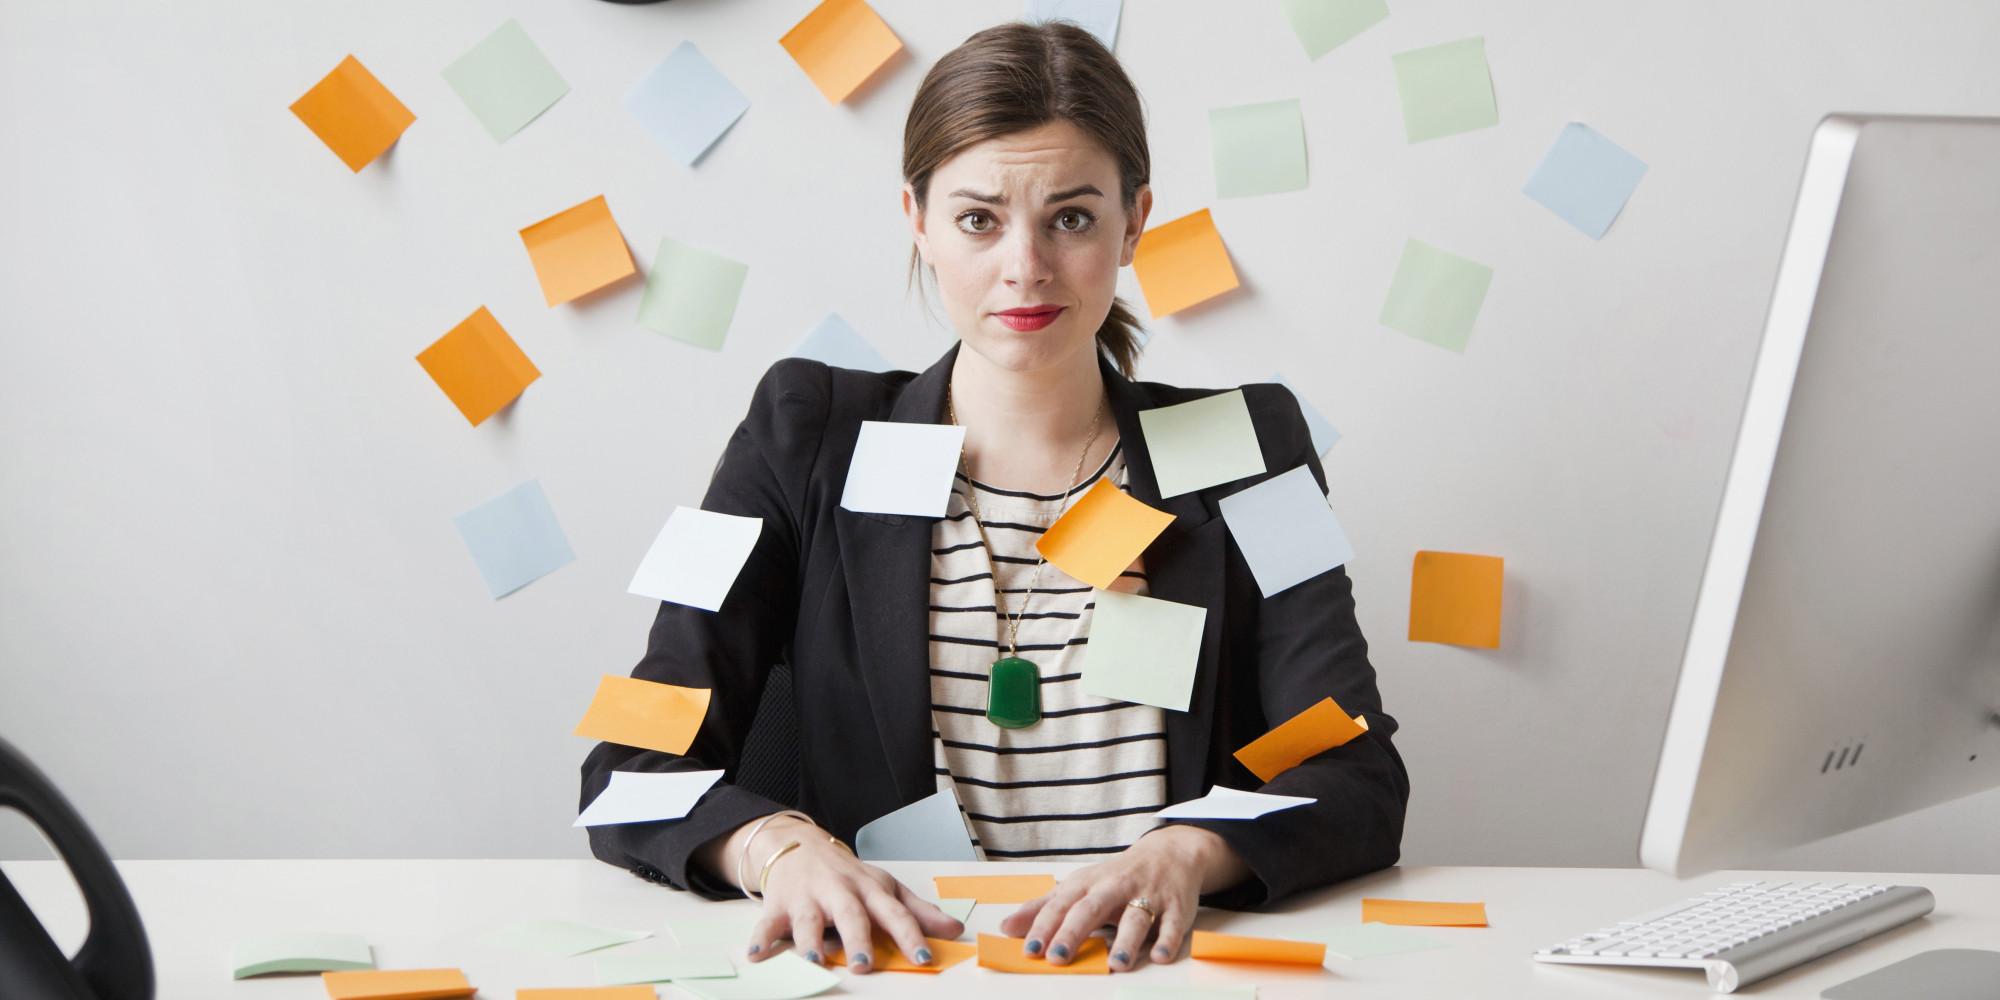 ¿Estresado? Descubre qué actividades pueden relajarte según tu signo